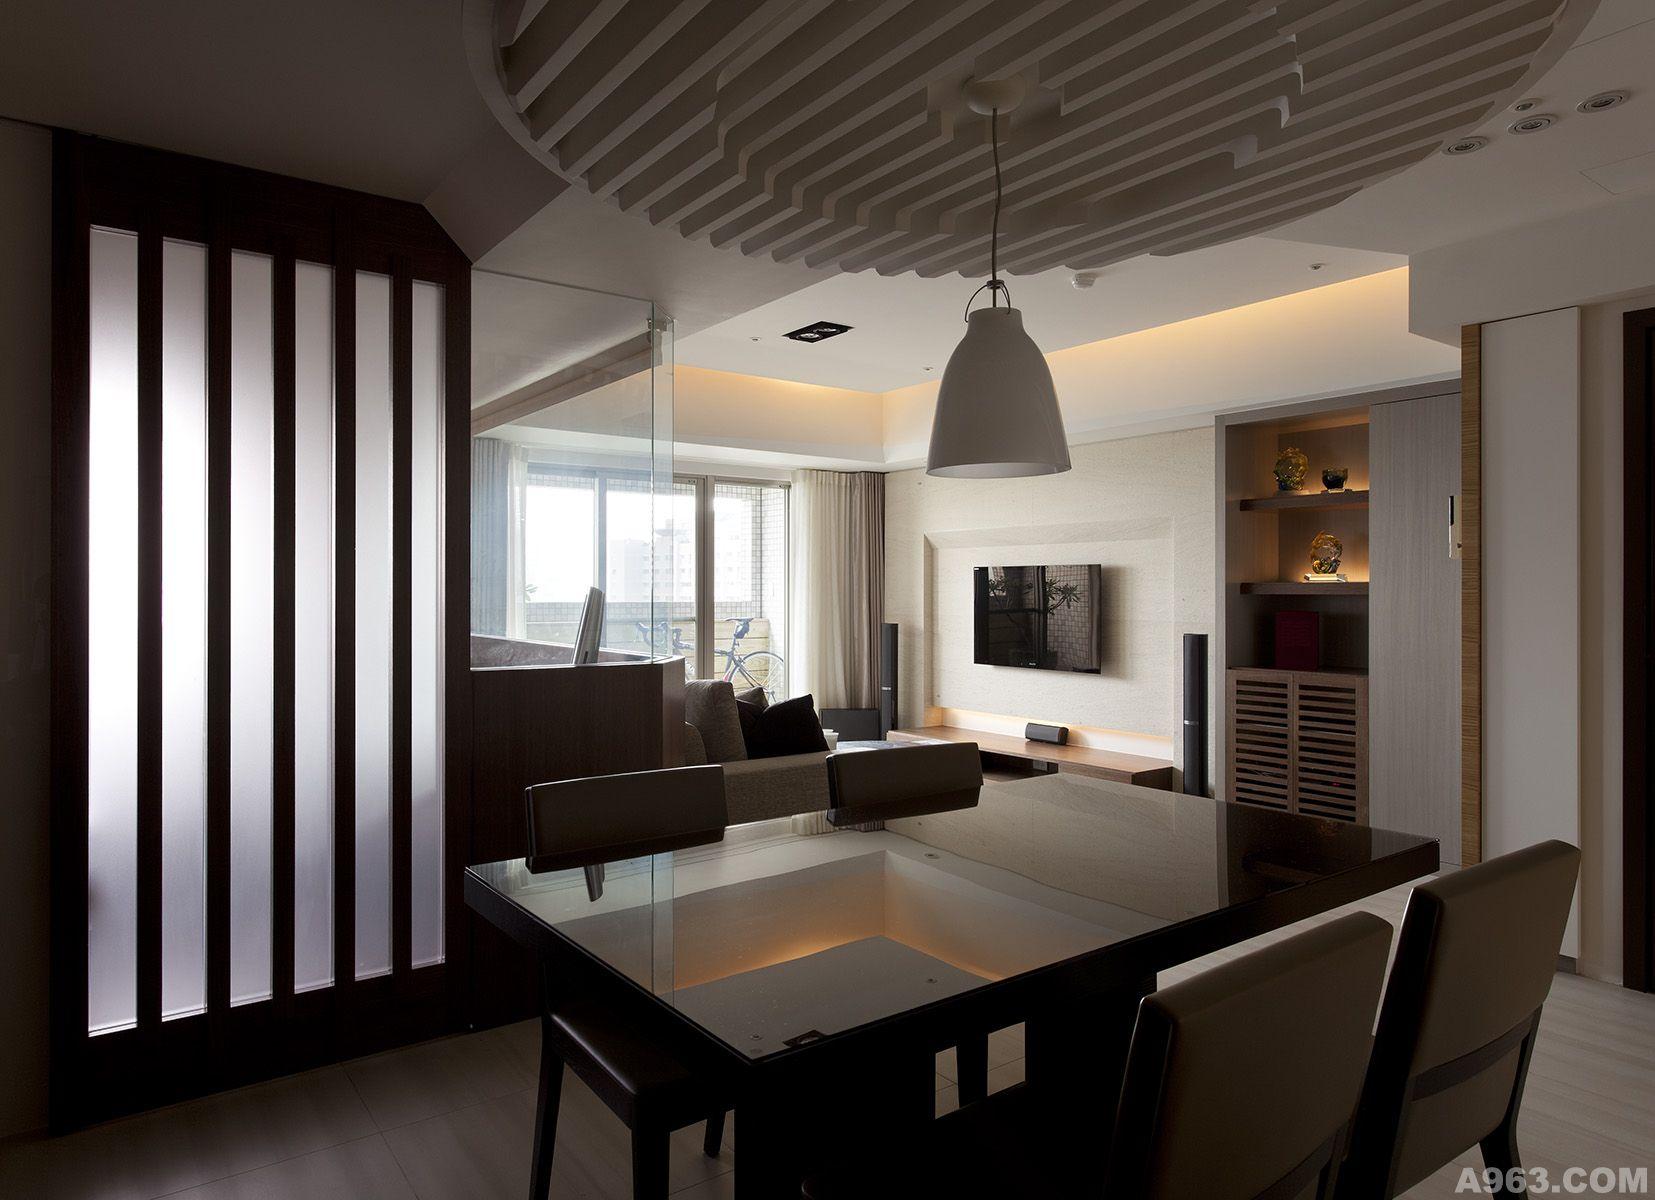 板桥林宅 - 普通家装 - 第4页 - 偕志宇设计作品案例